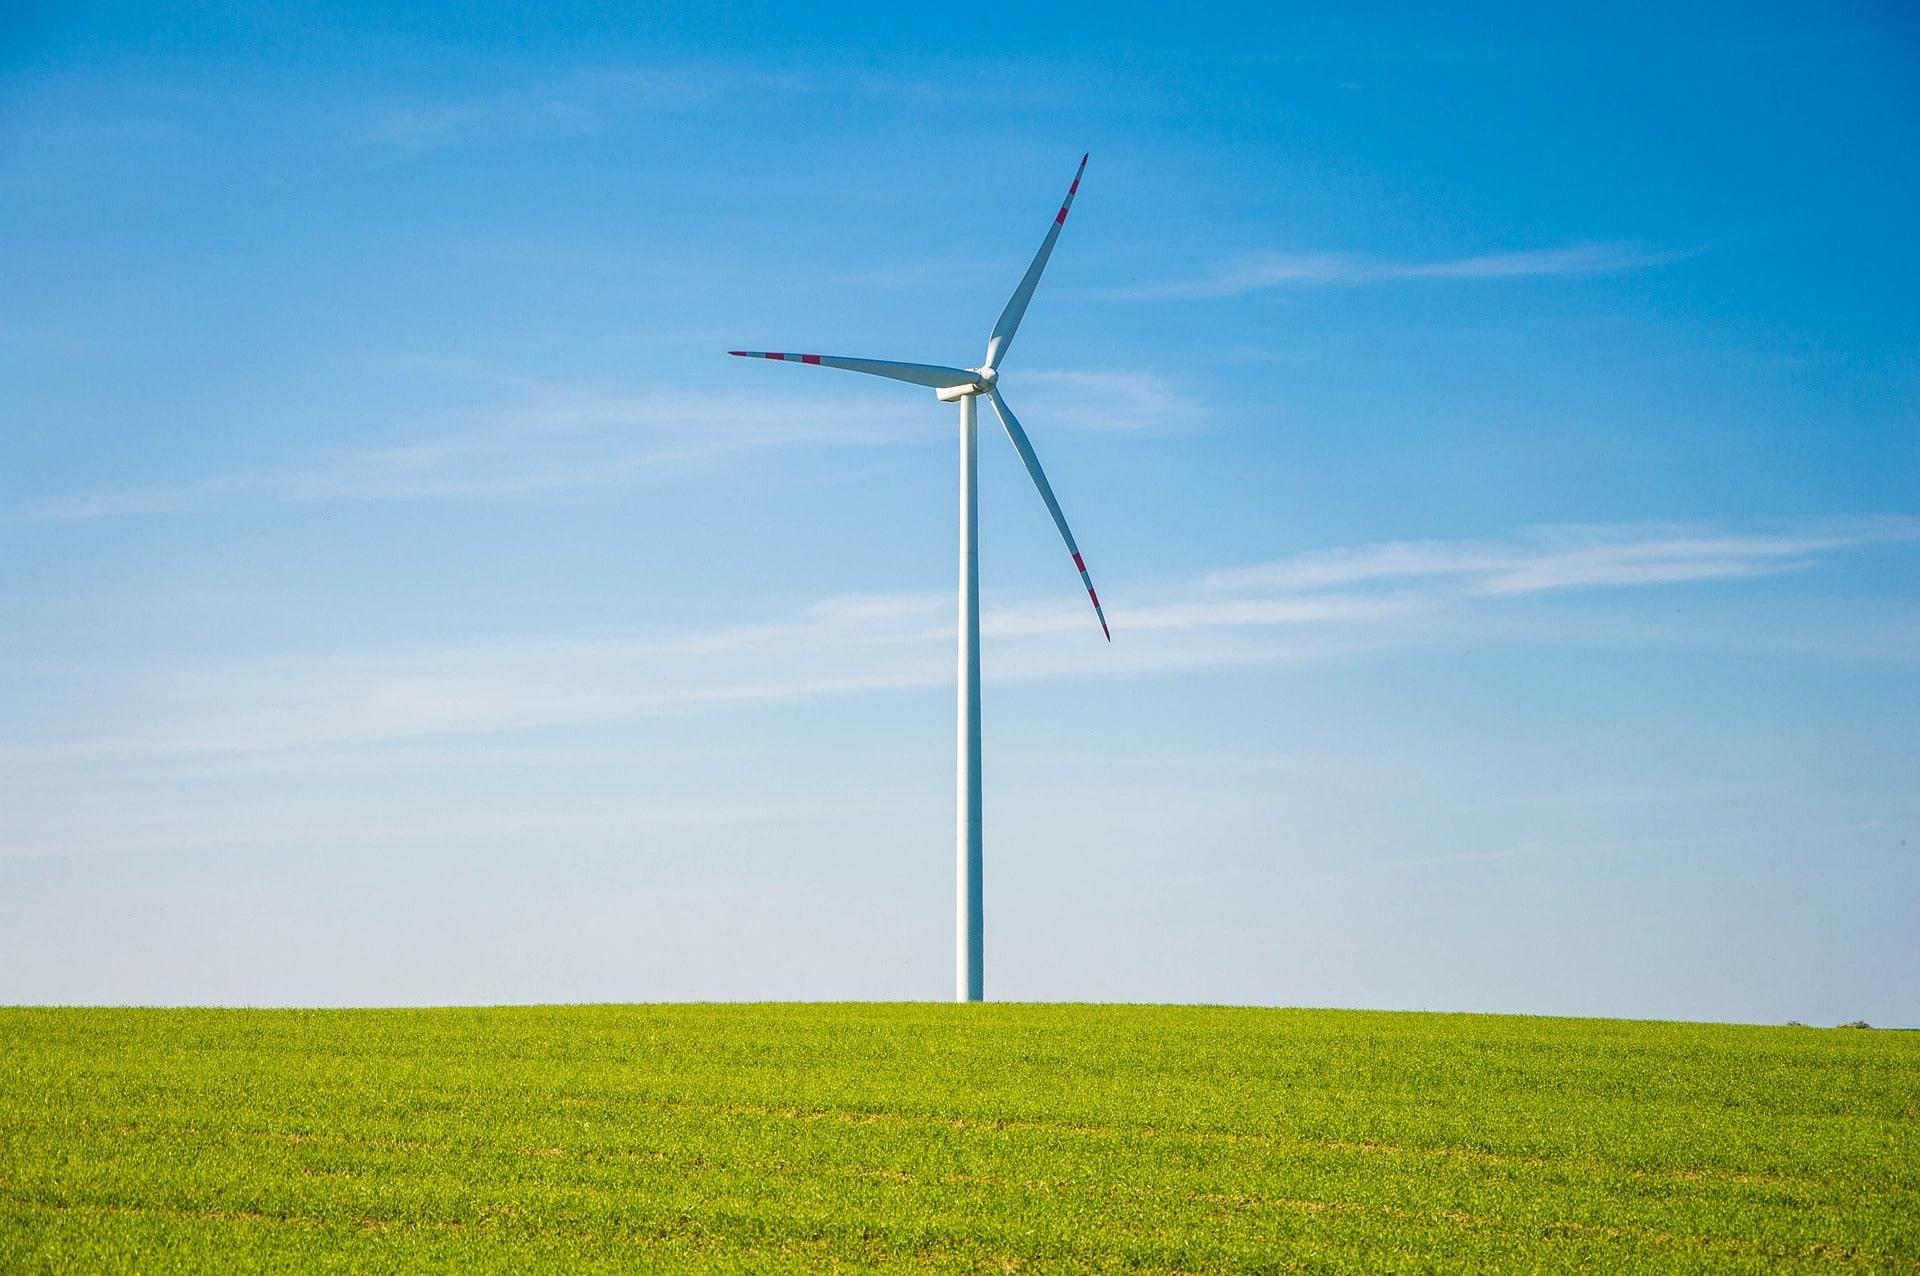 energia eolica, evoluzione, aerogeneratori, fonte, sviluppo, turbine, mulini, pale, vento, macchina, elettricità, potenza, rinnovabili, clima, obiettivi, green, europa, danimarca, Stati Uniti, Energy Close-up Engineering